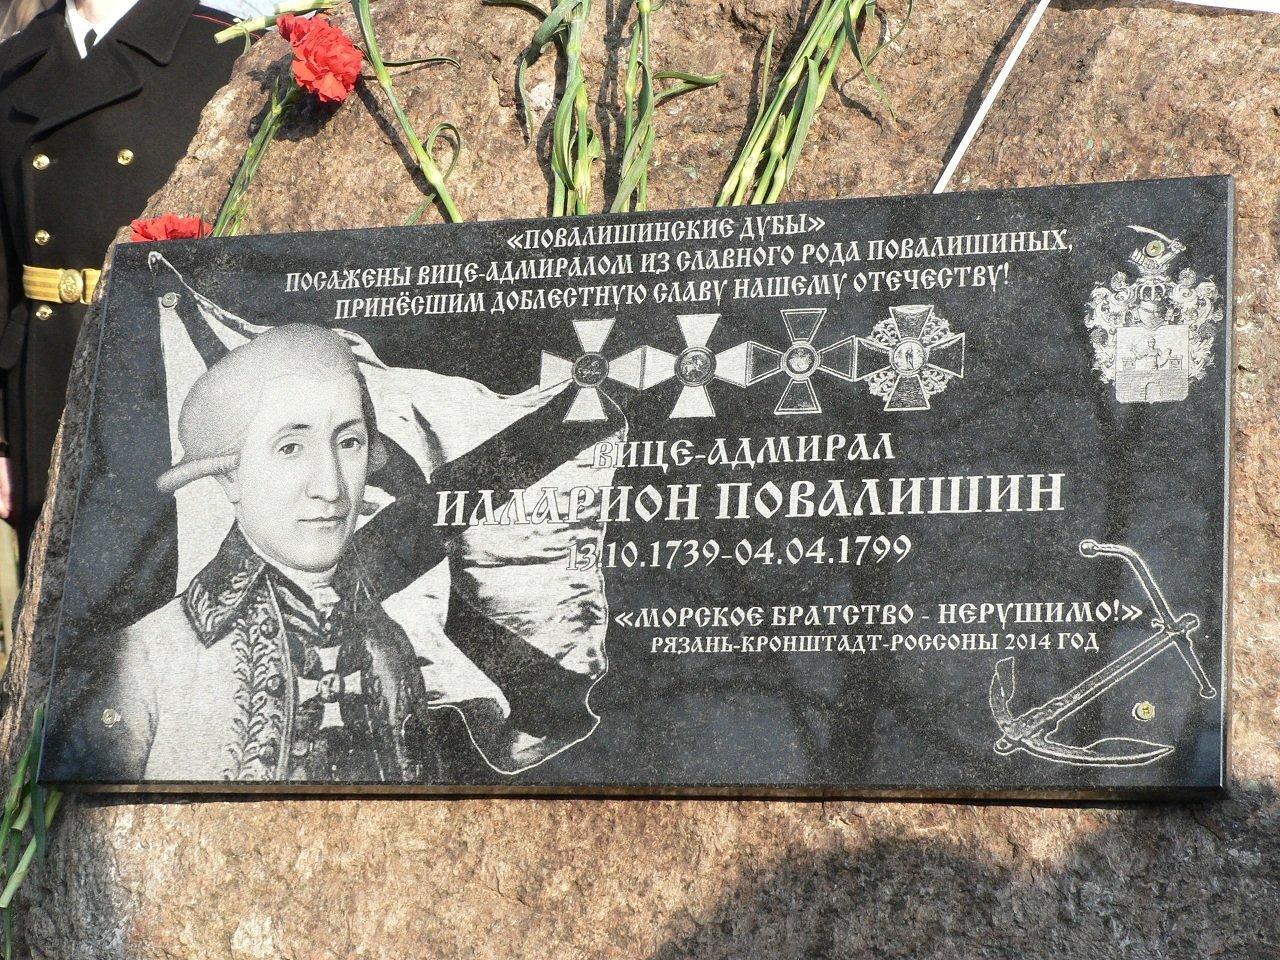 Памятный знак в честь вице-адмирала Иллариона Повалишина в Россонах